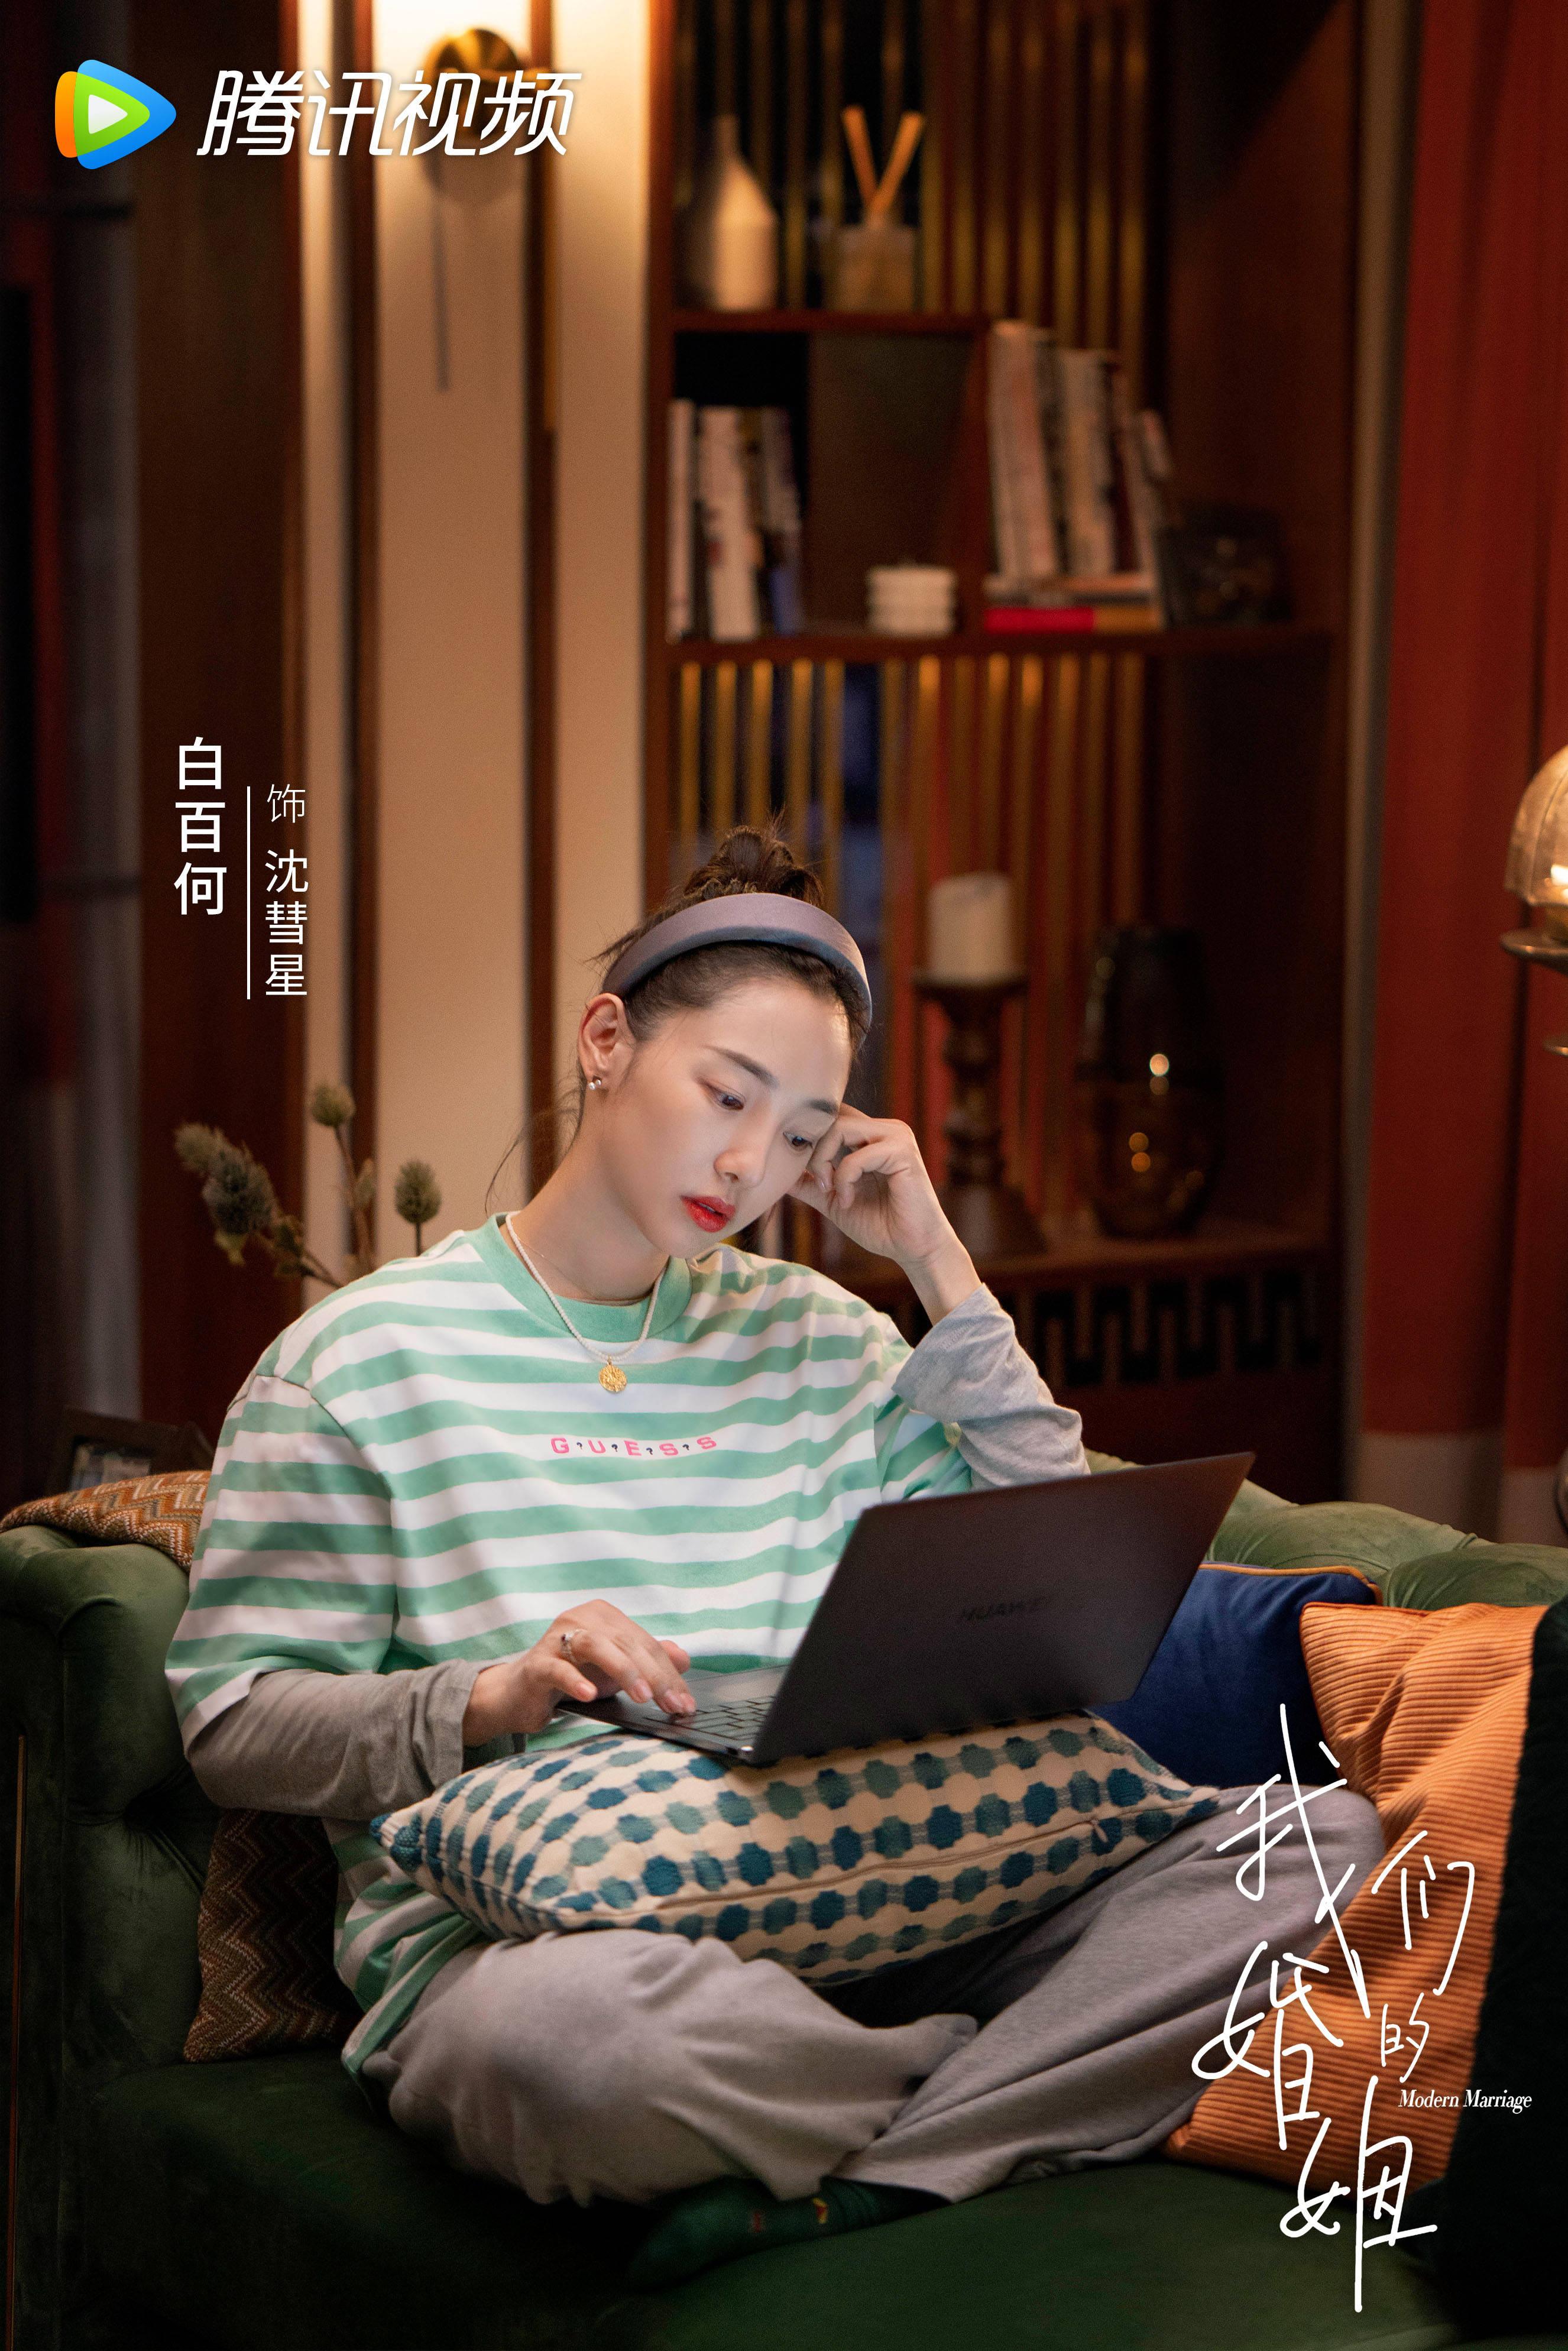 白百何佟大为《我们的婚姻》演夫妻 笑闹中携手成长